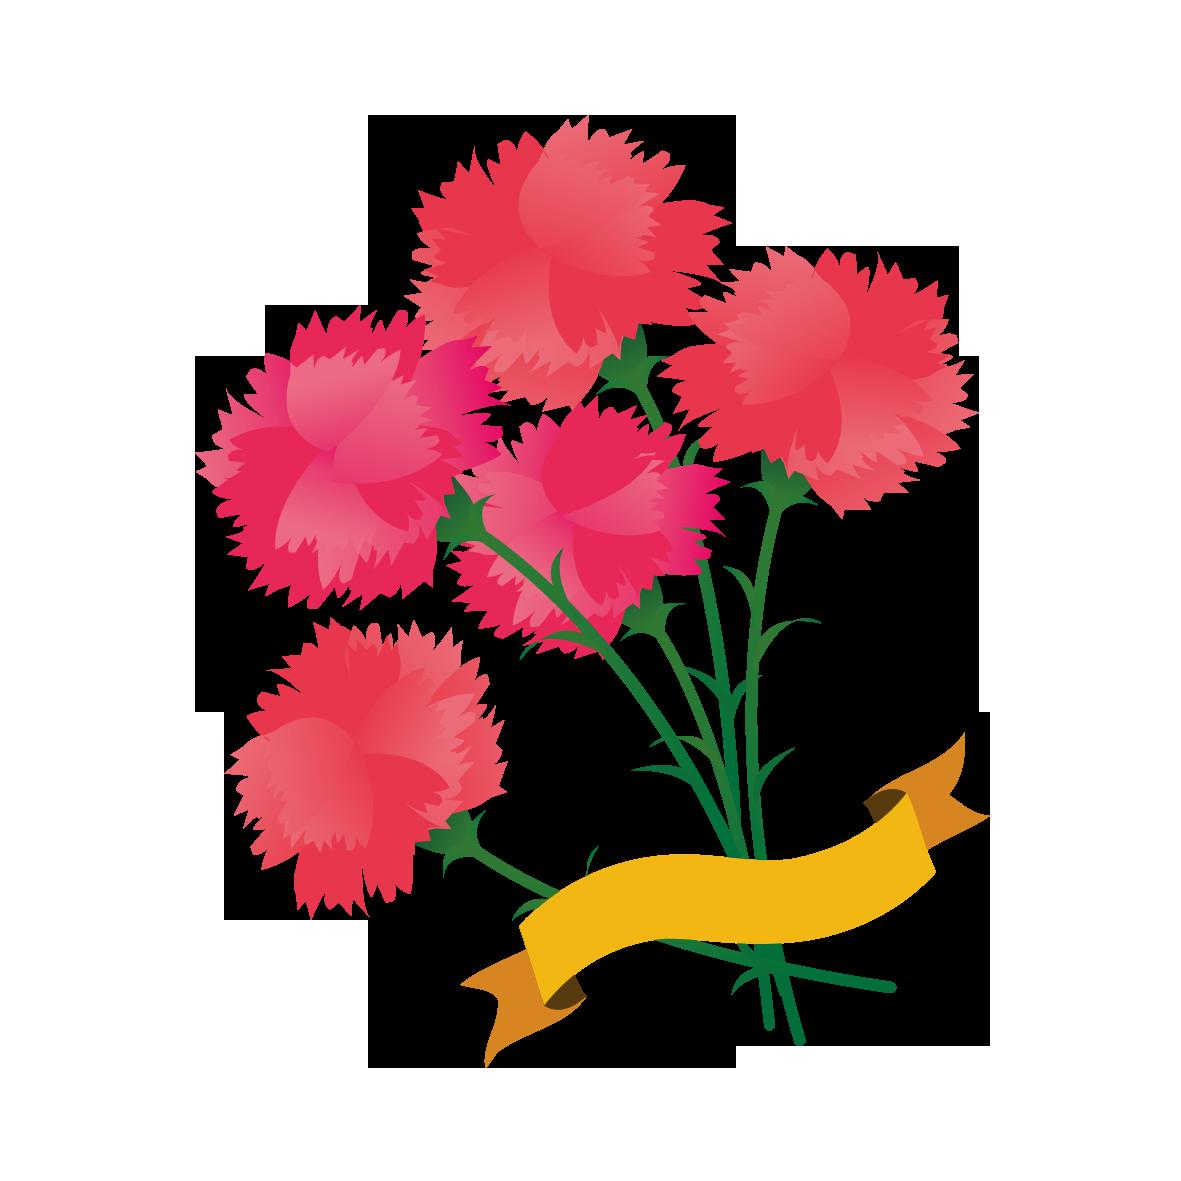 5月」のイラスト一覧 - 無料イラスト愛